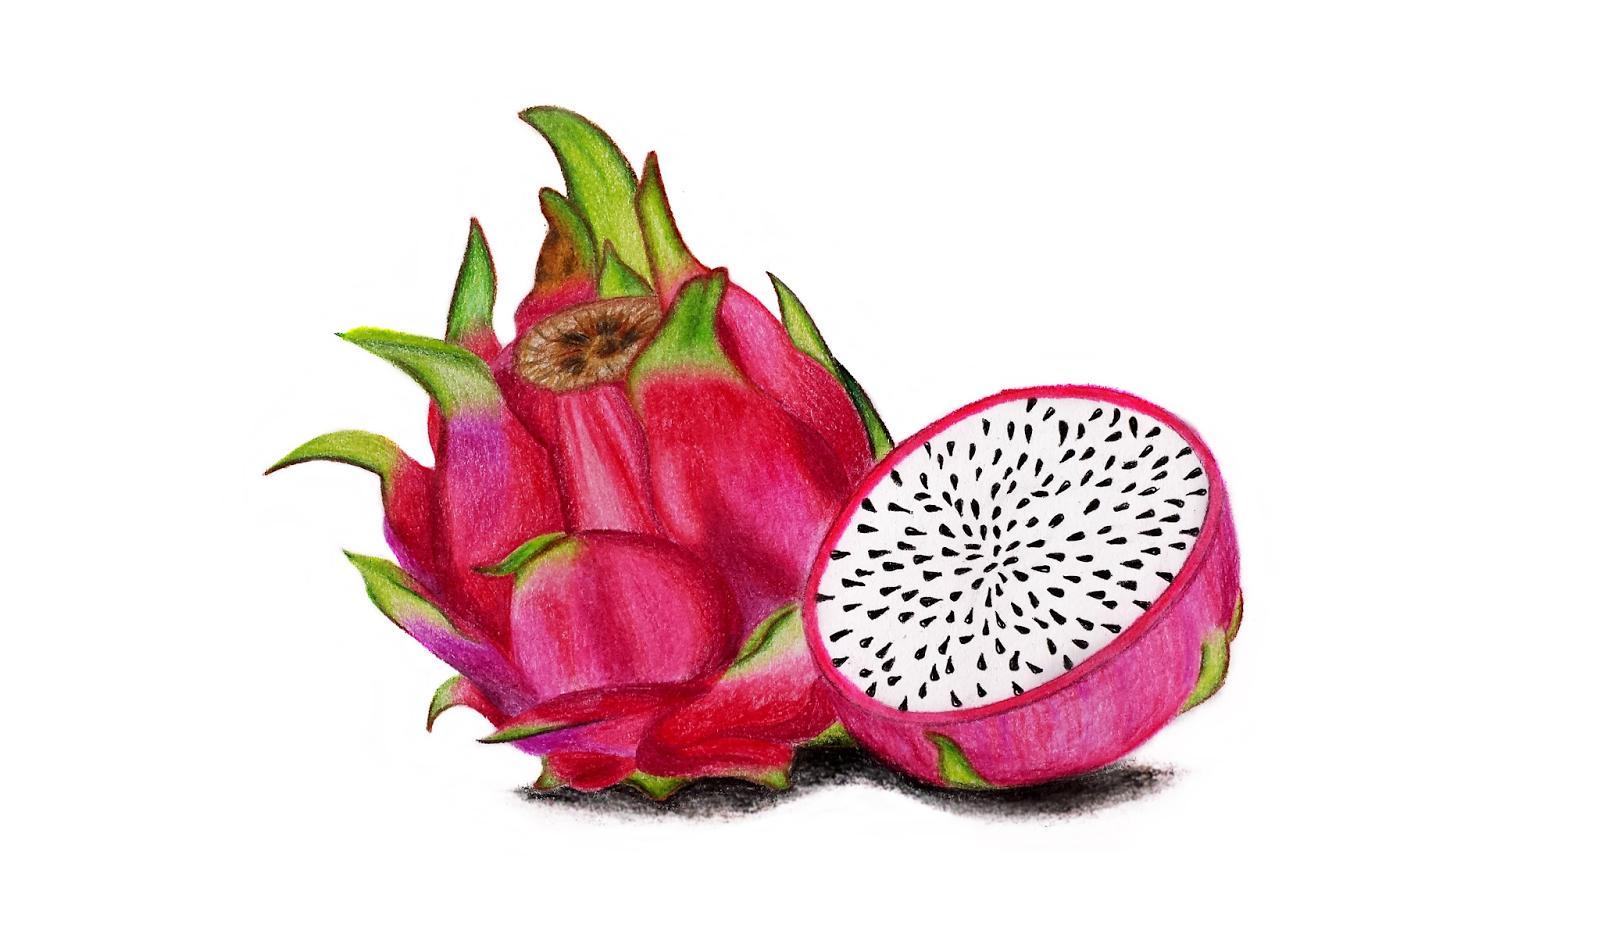 драконий фрукт картинки нарисовать совершить хоть одну